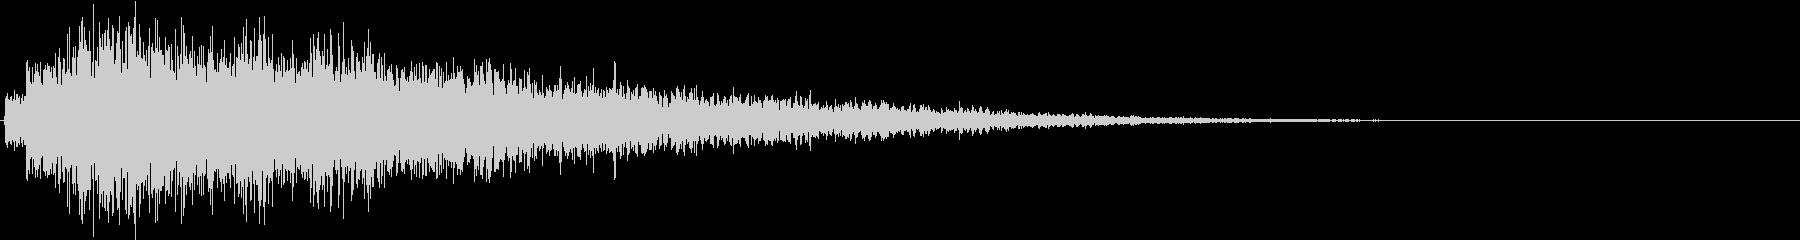 ファファーン (不審な雰囲気)の未再生の波形